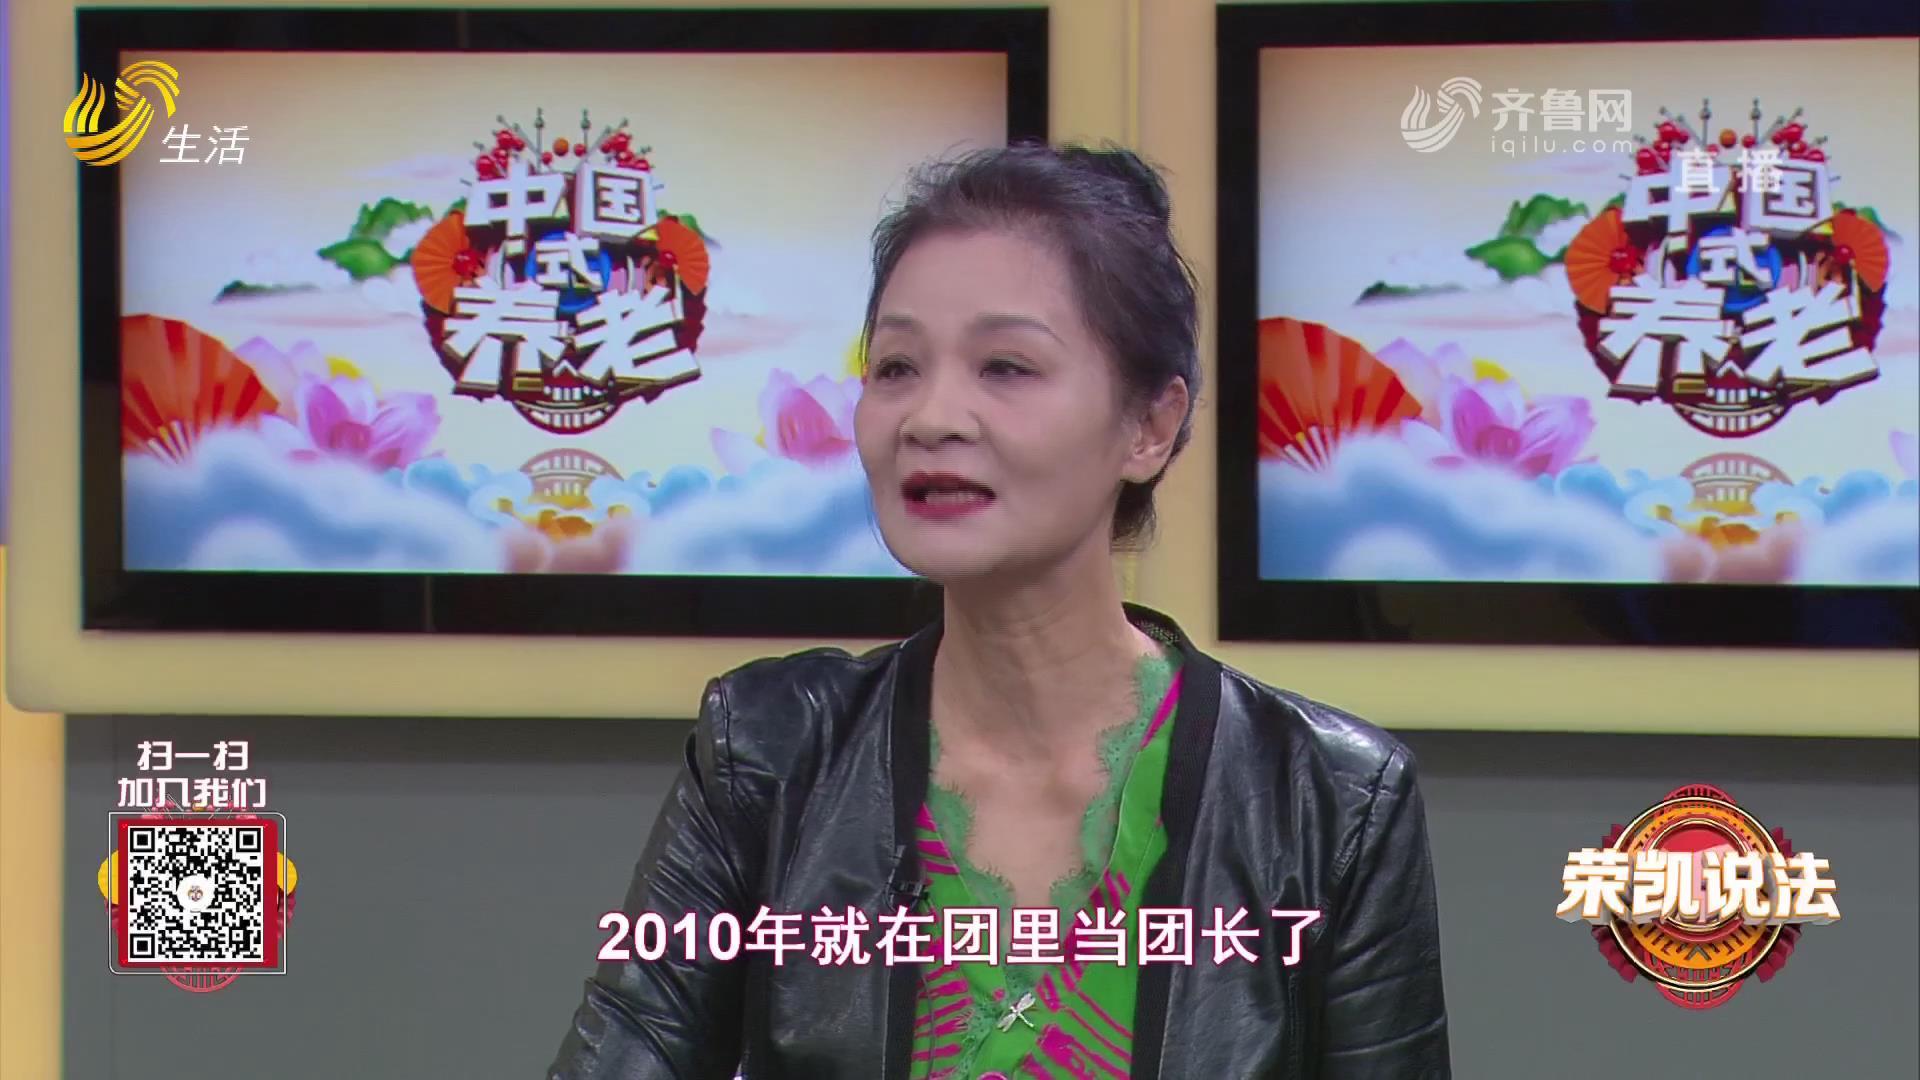 中國式養老-上課點名 下課講評:退役軍人組成的藝術團